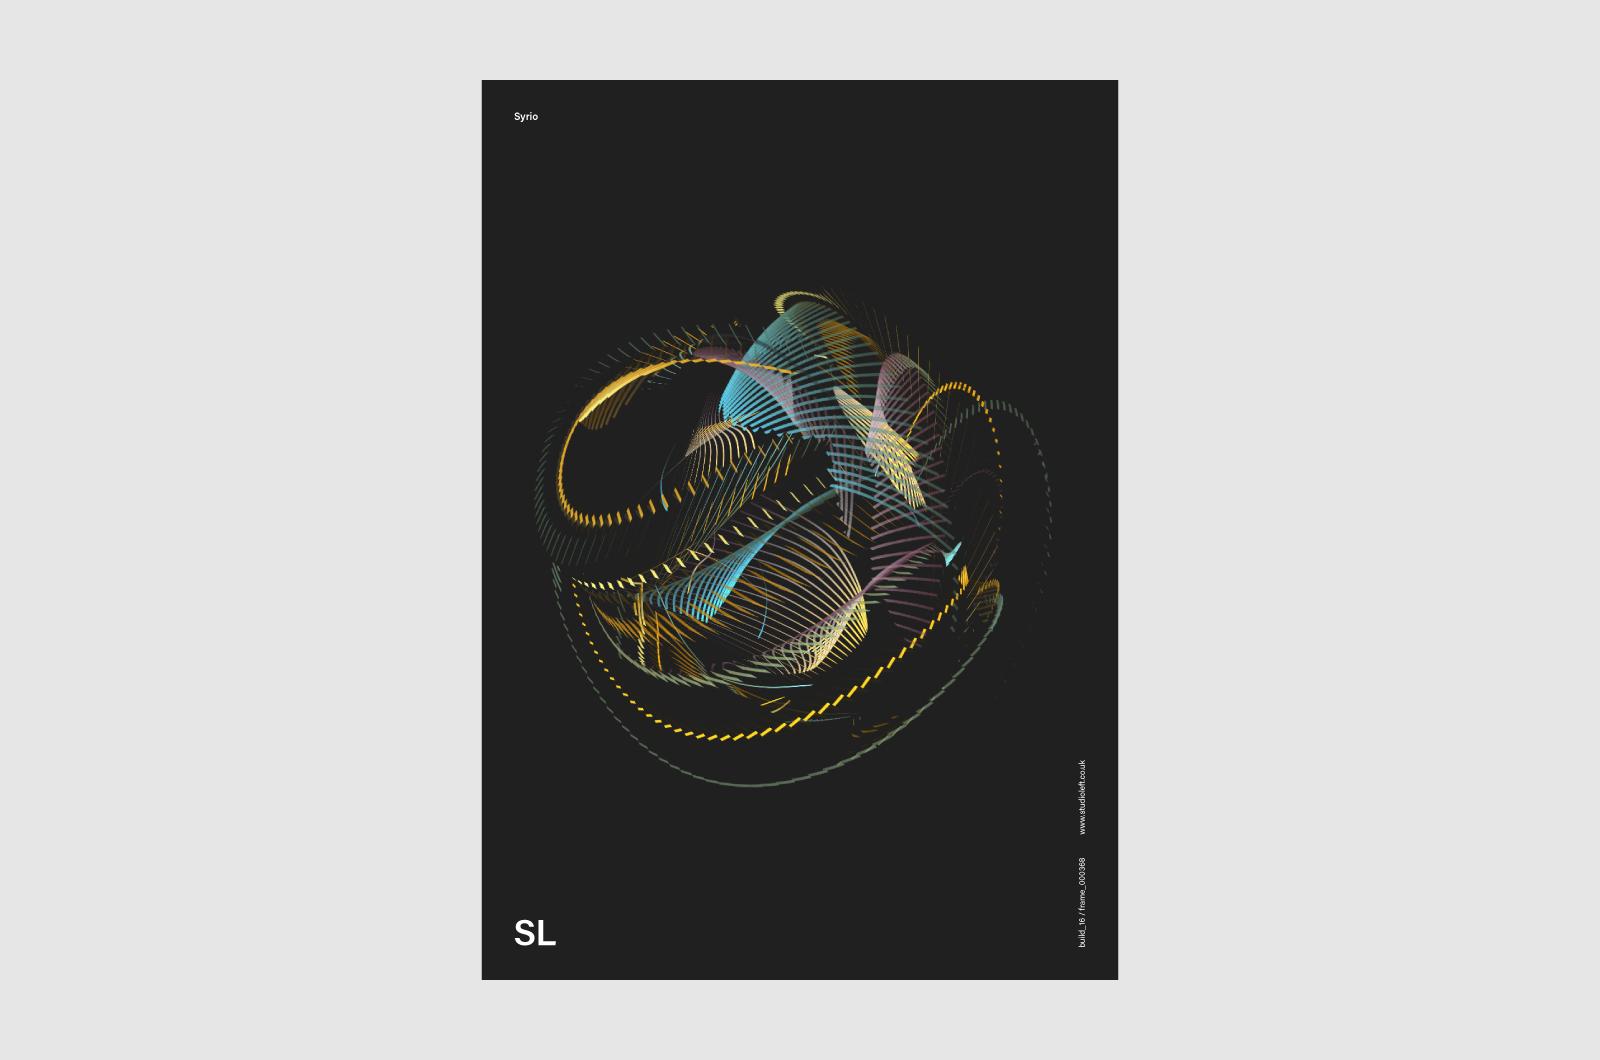 Syrio poster 02